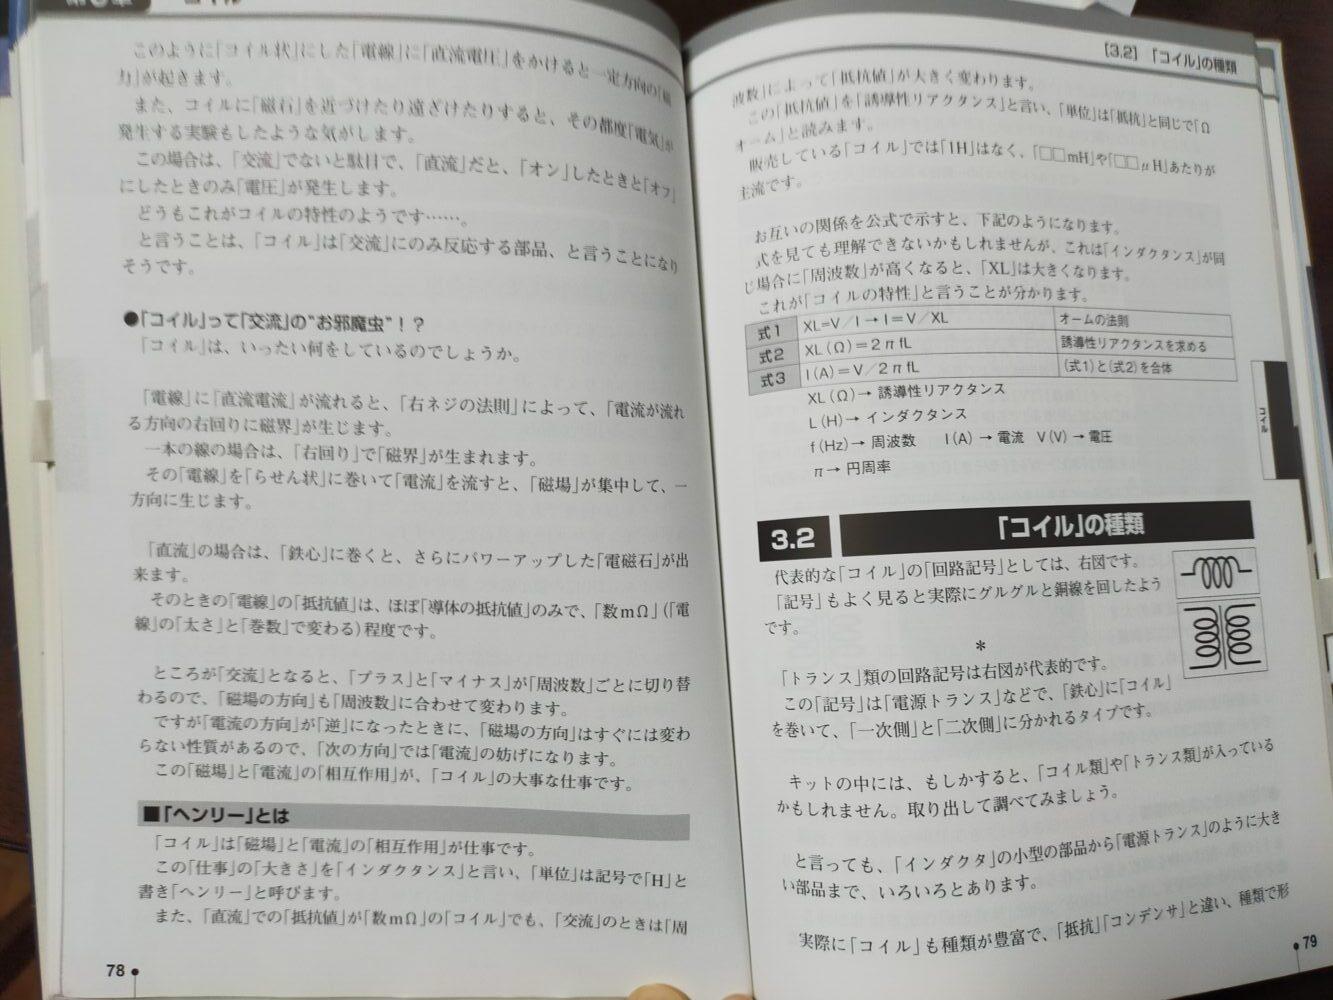 電子部品ハンドブック2